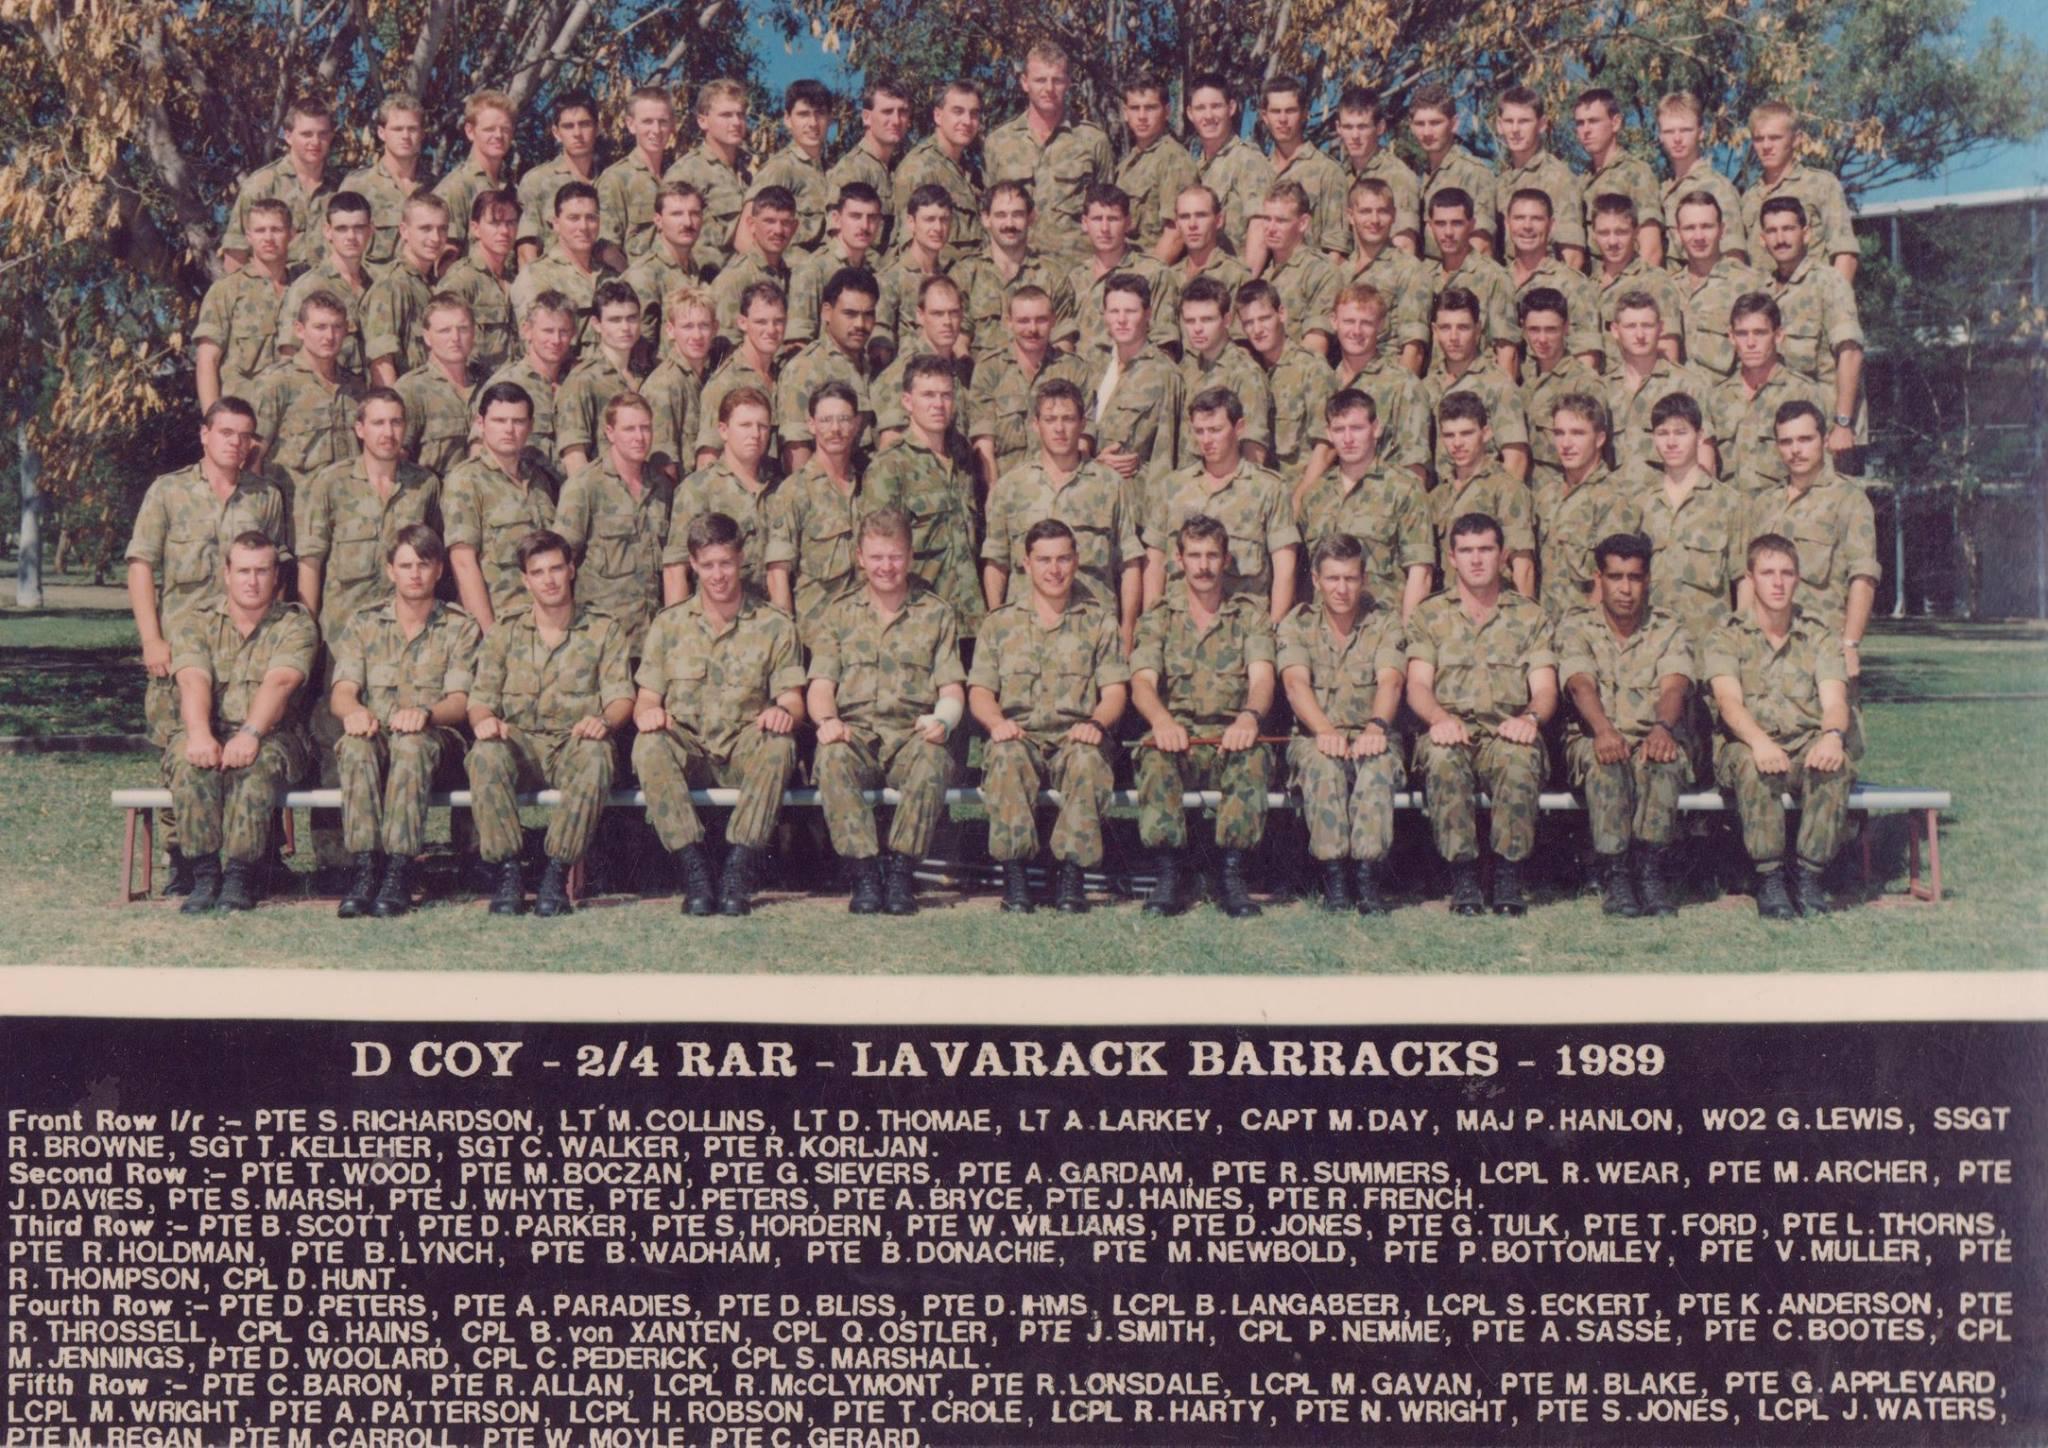 D Coy 1989